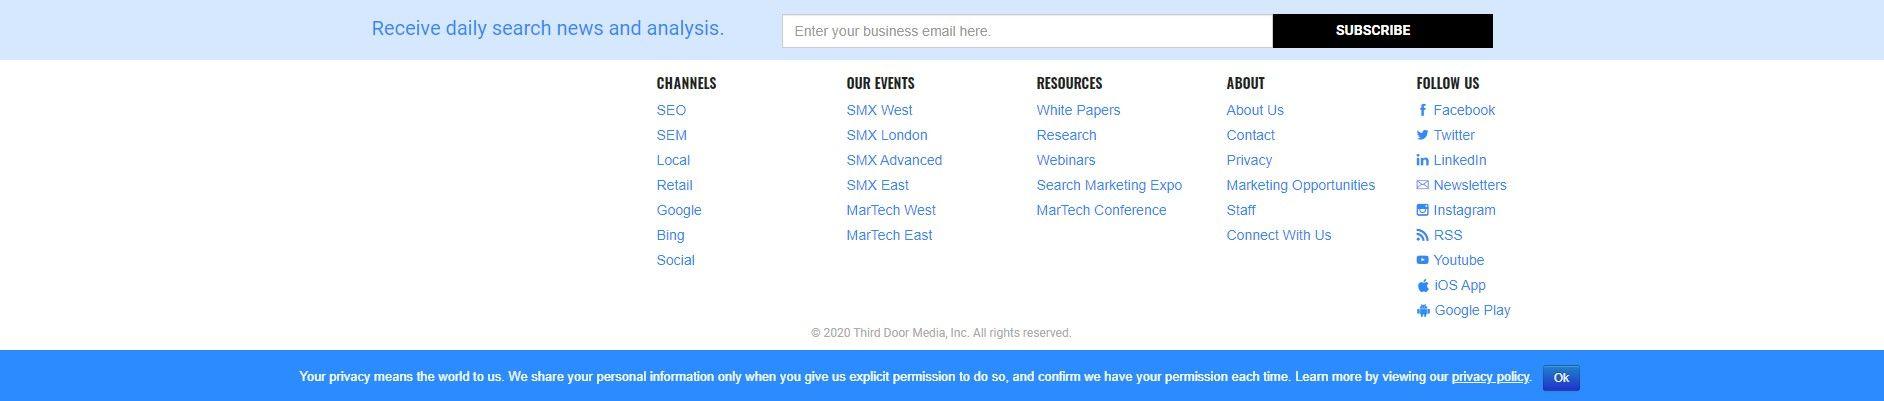 Призыв «Подписаться на рассылку» в подвале на примере searchengineland.com